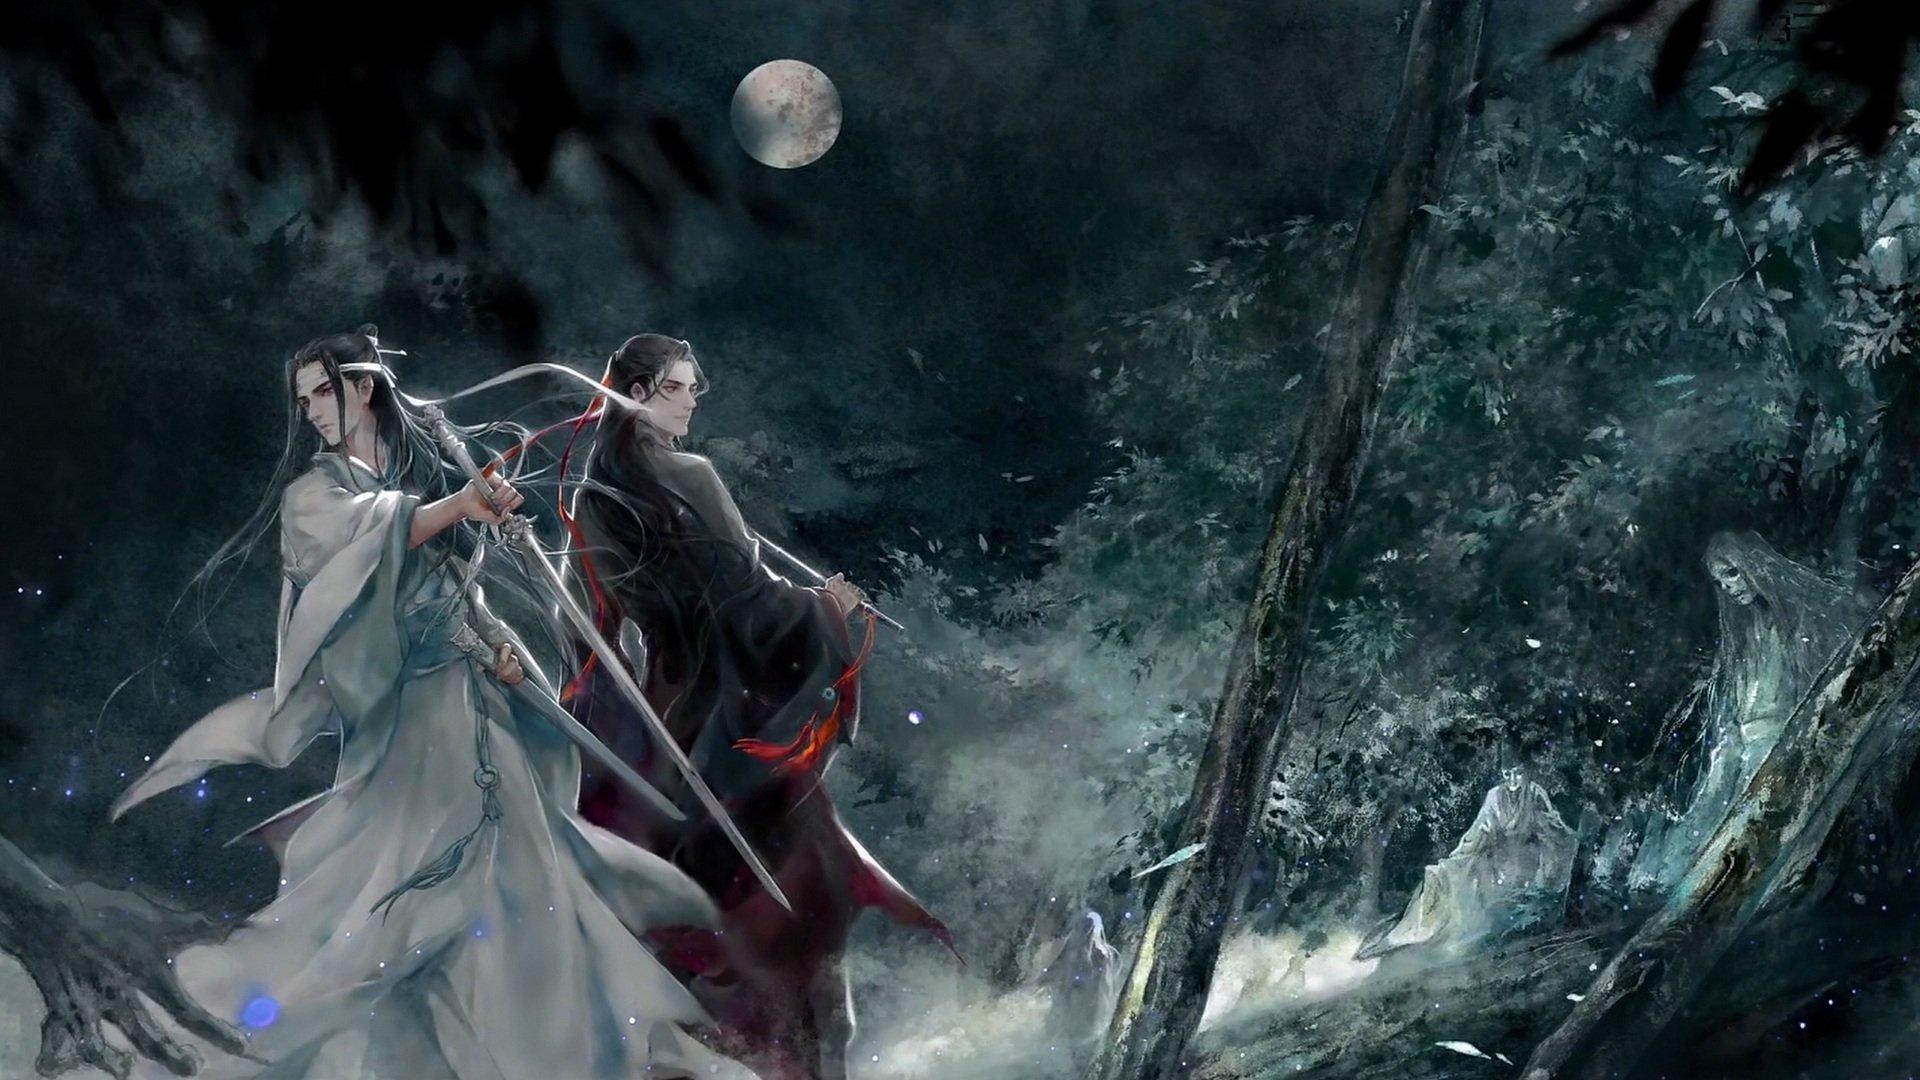 Mo Dao Zu Shi HD Wallpaper | Background Image | 1920x1080 ...